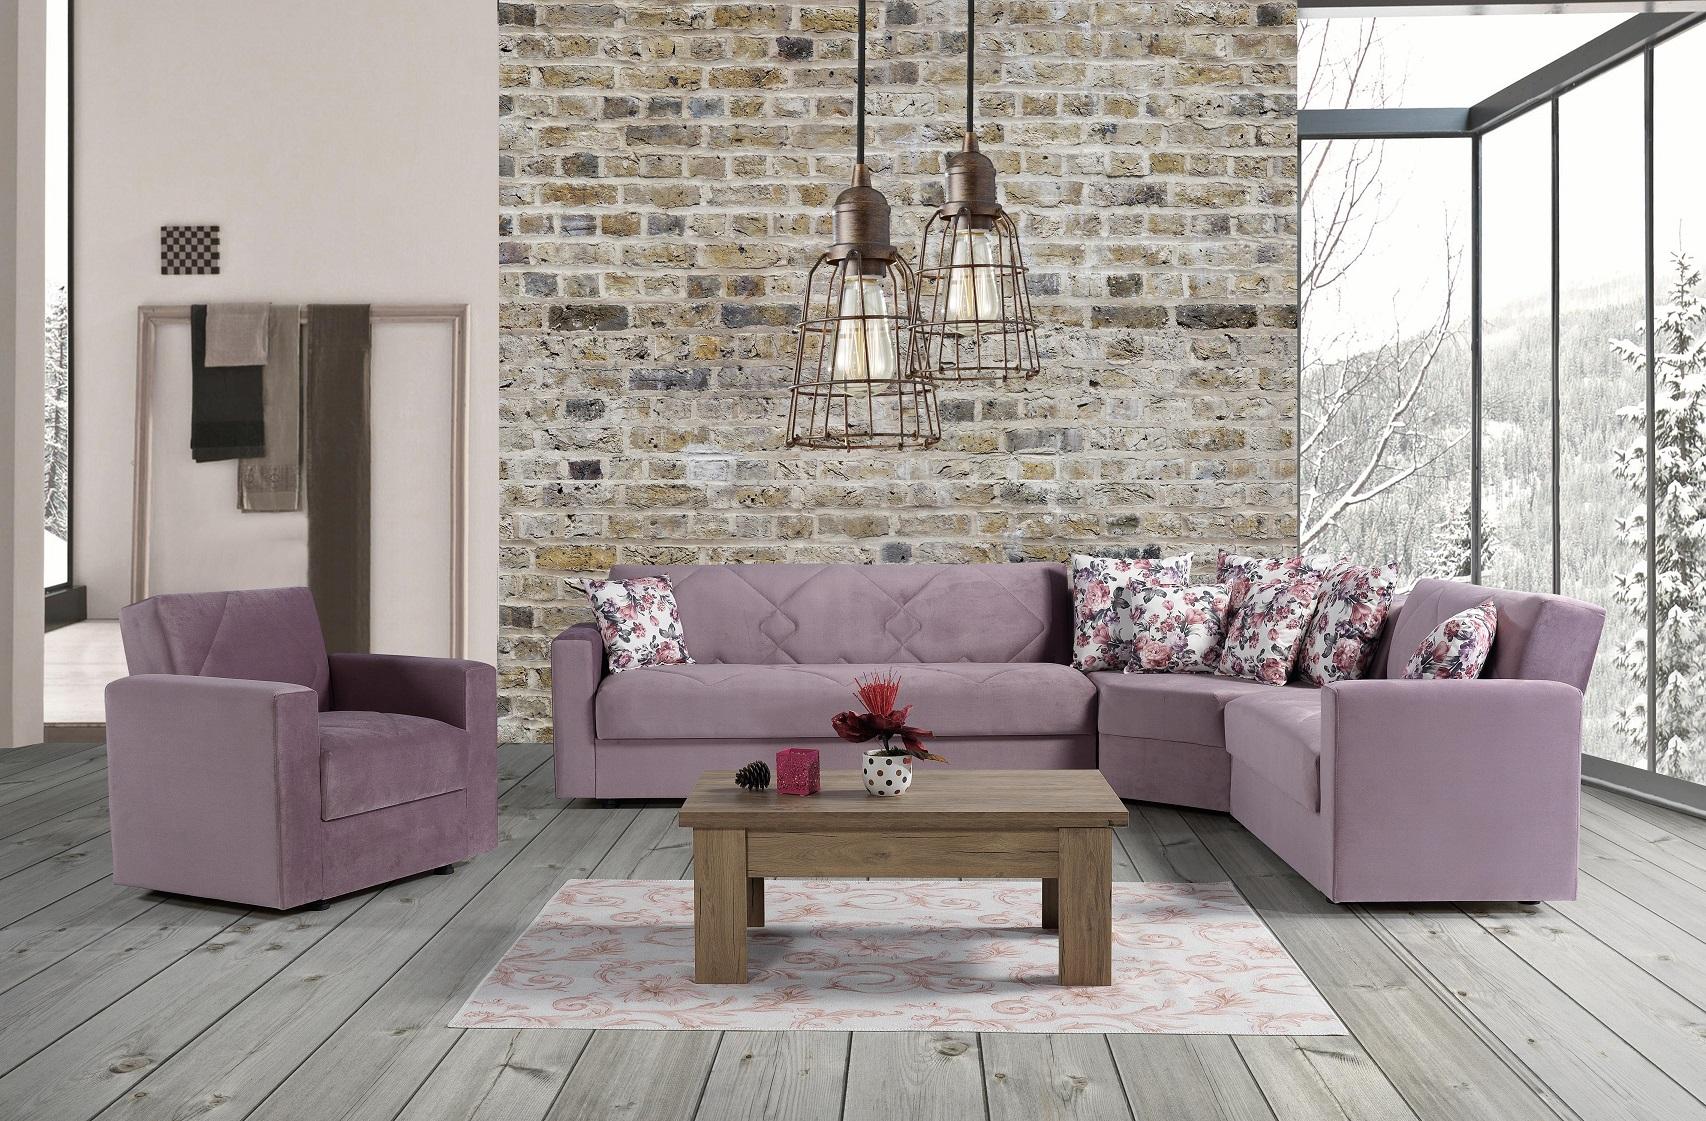 italienische barockm bel sicher und schnell online. Black Bedroom Furniture Sets. Home Design Ideas